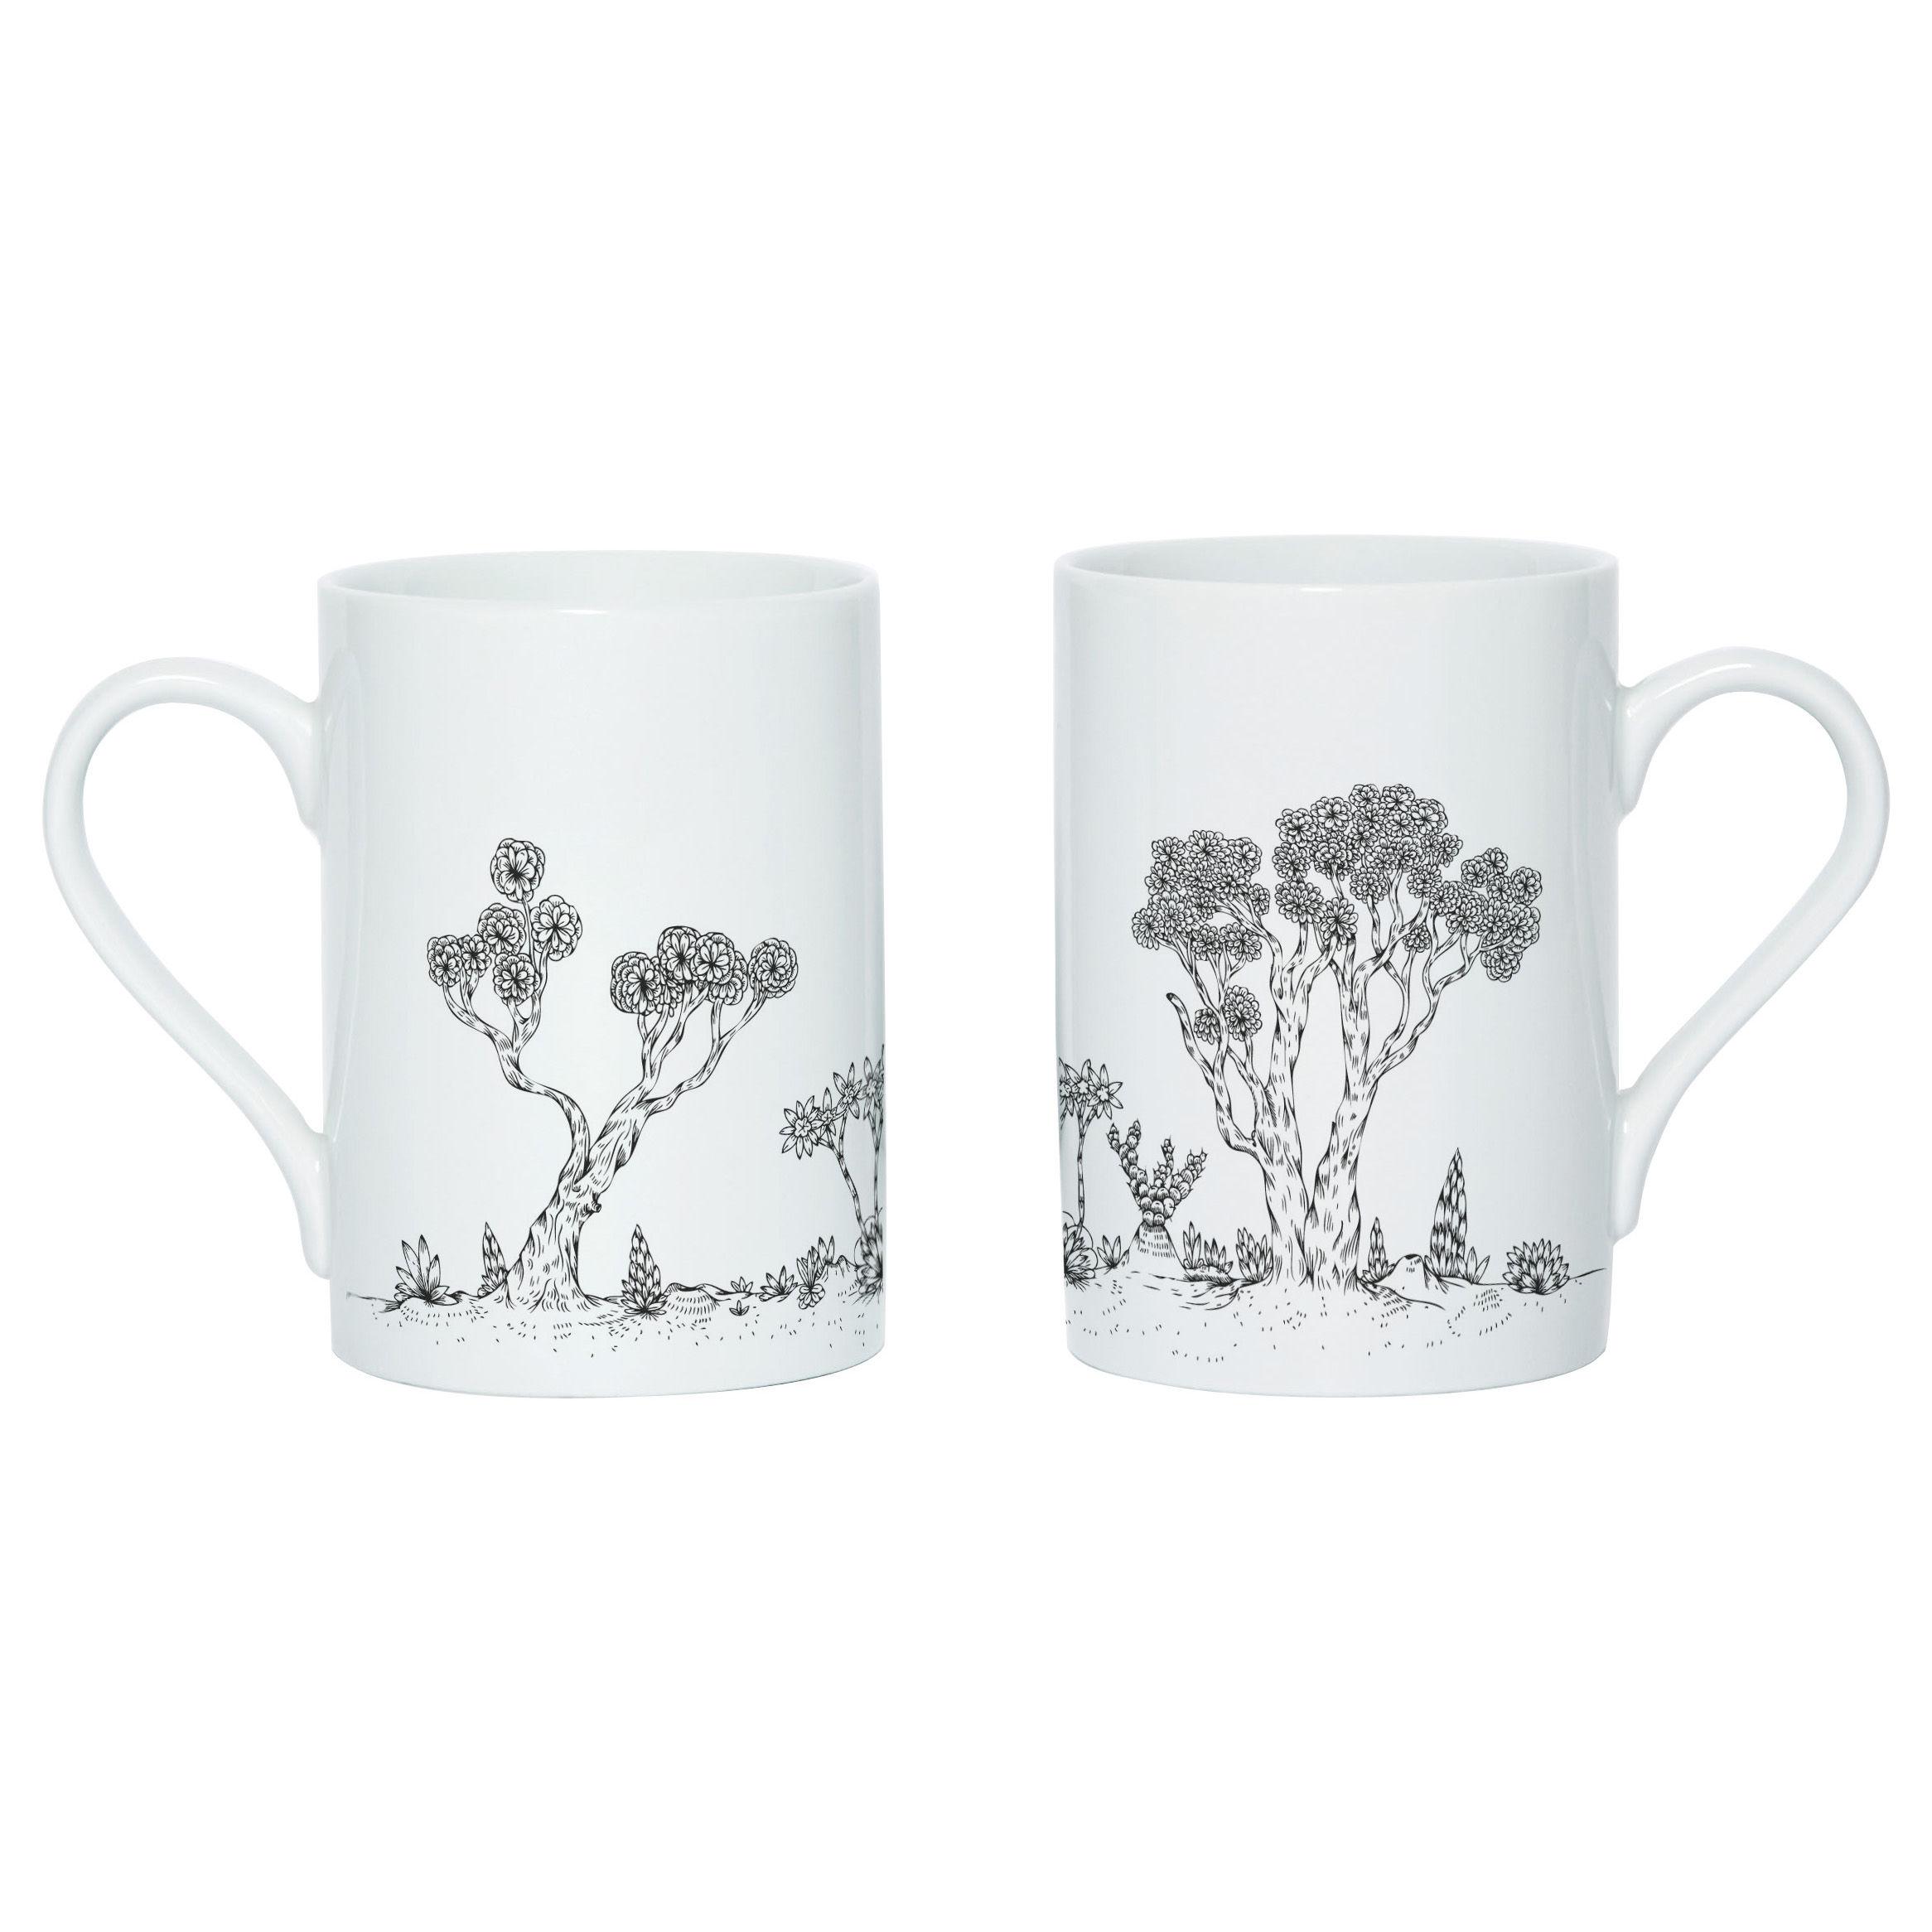 Tavola - Tazze e Boccali - Tazza Landscape di Domestic - Bianco & nero - Porcellana